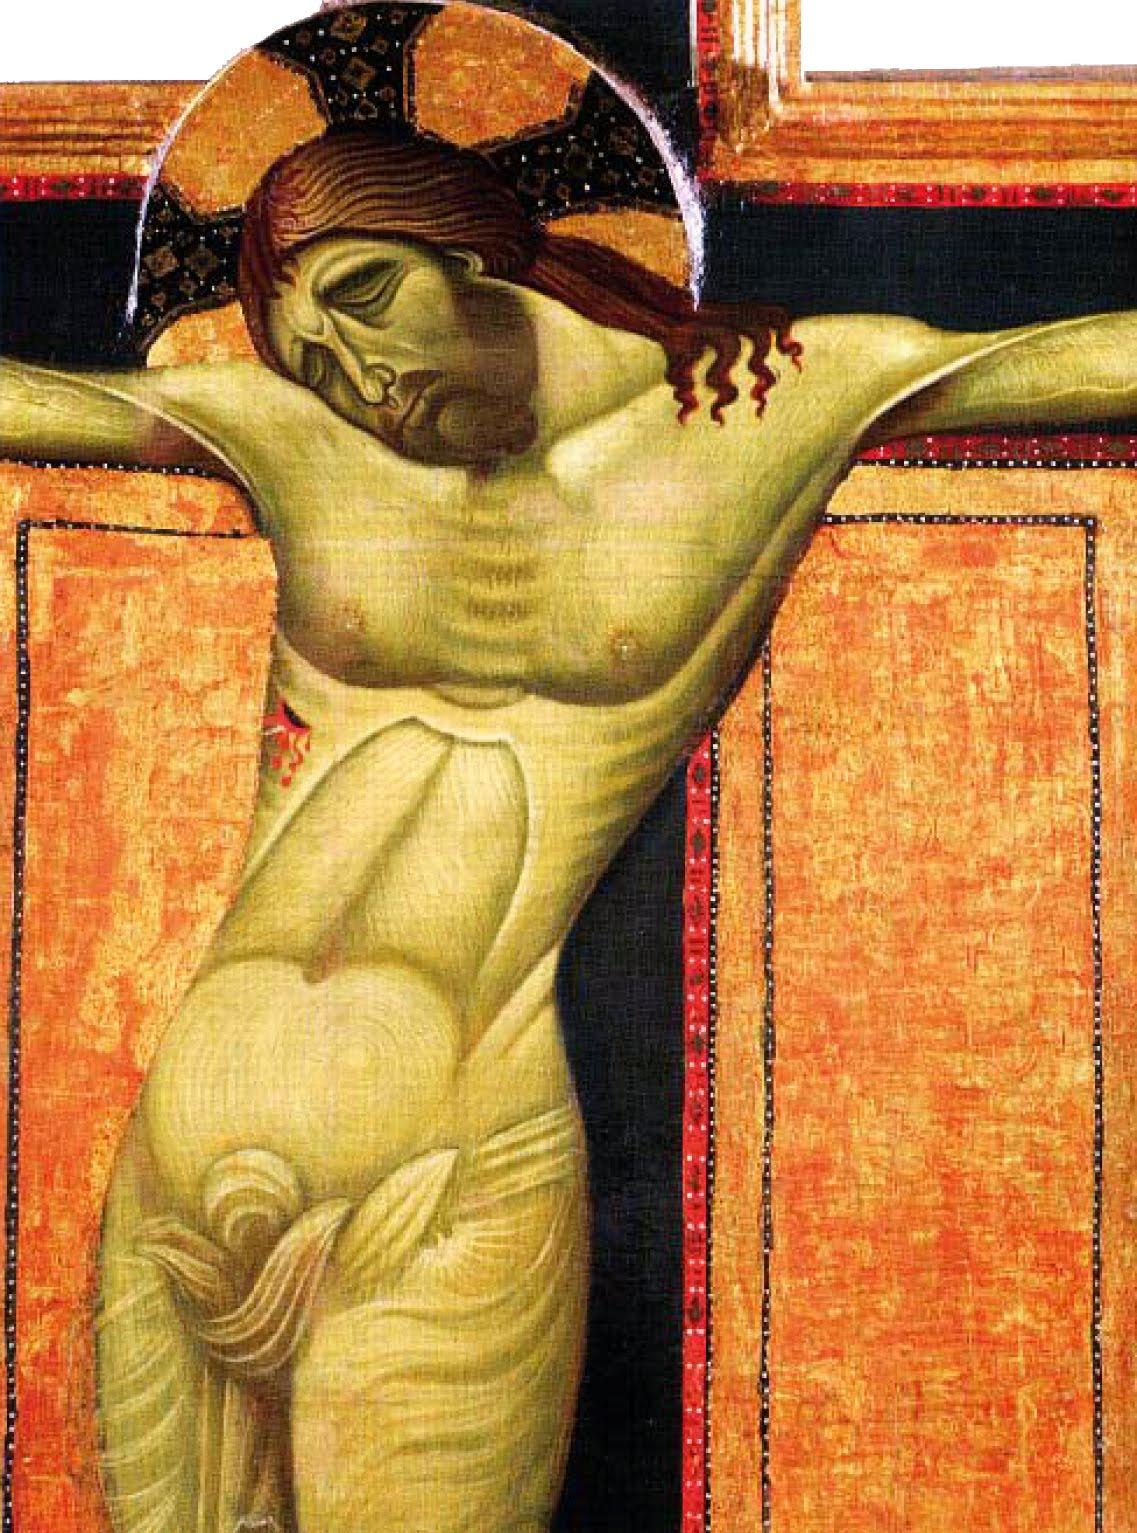 Crocifisso dipinto, tempera e oro su tavola, cm 417 (altezza) × 327, chiesa di san Francesco, Castiglion Fiorentino